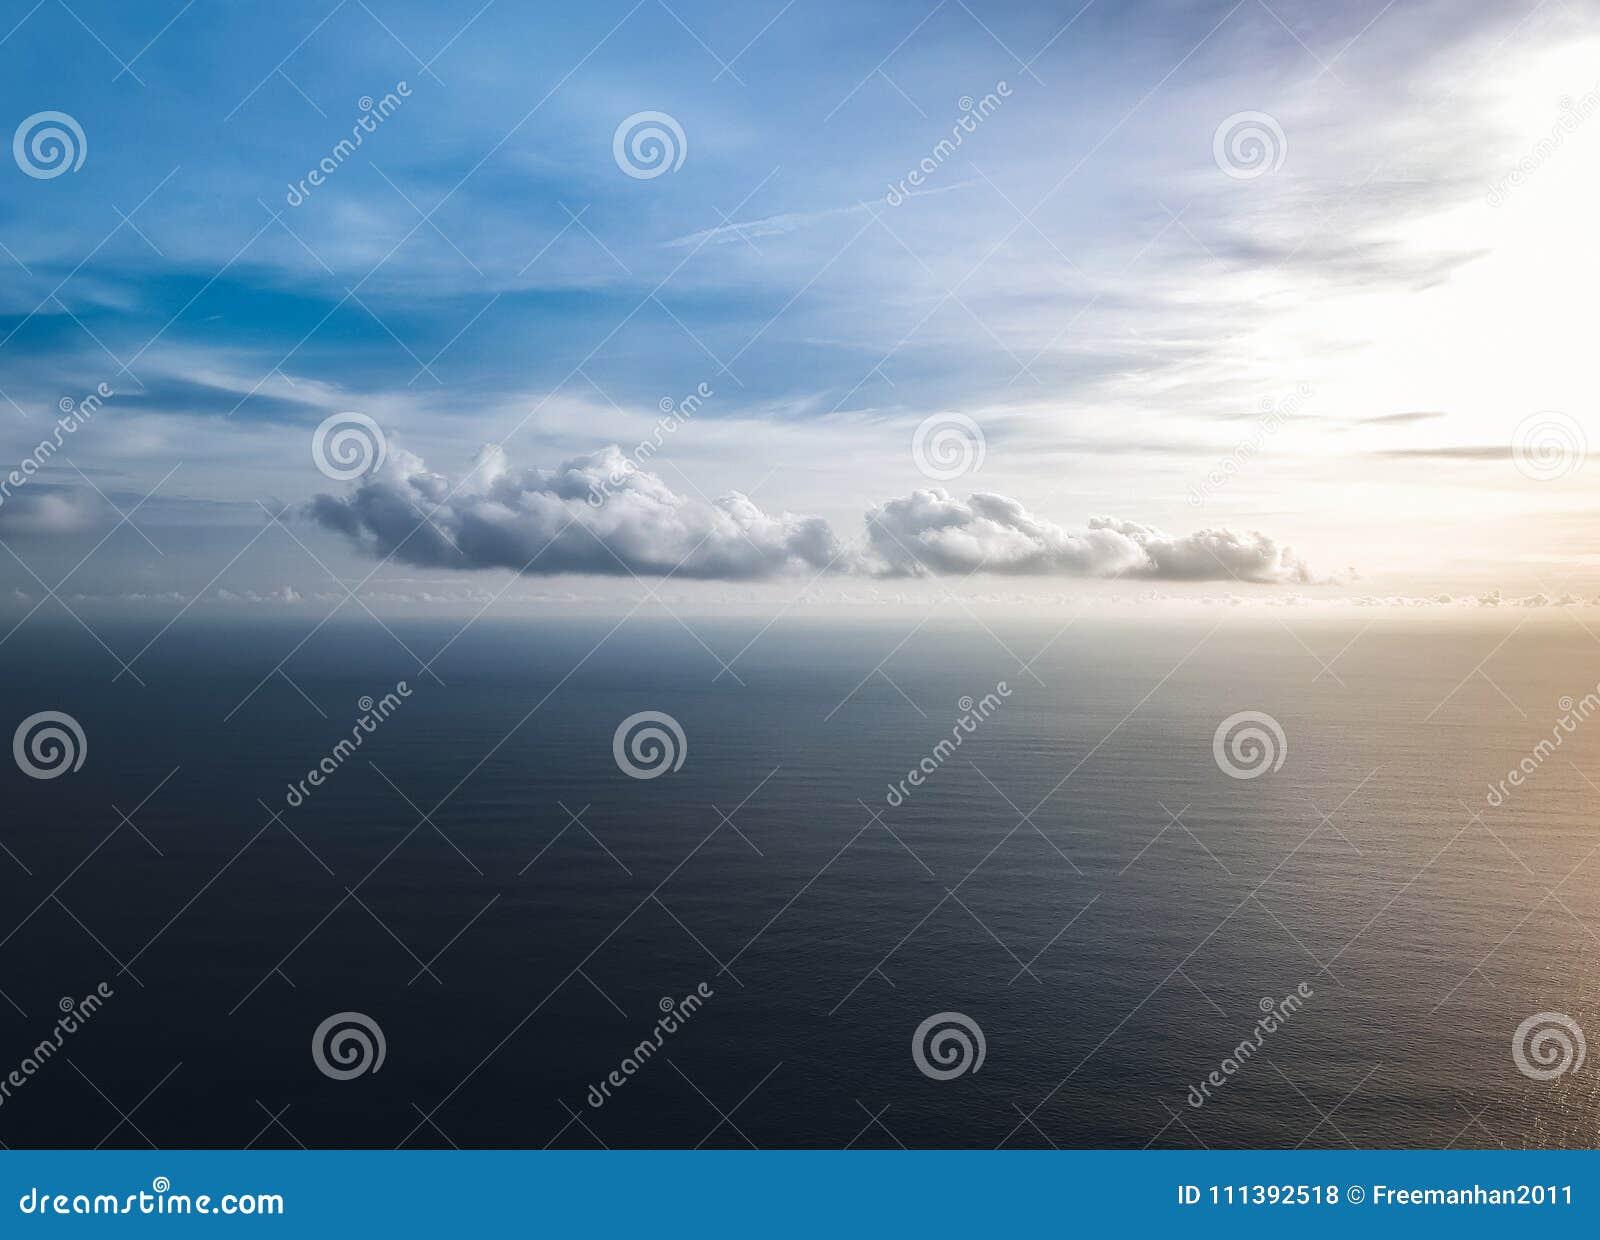 Όμορφα σύννεφα πέρα από τη θάλασσα στο ηλιοβασίλεμα κορυφαία όψη